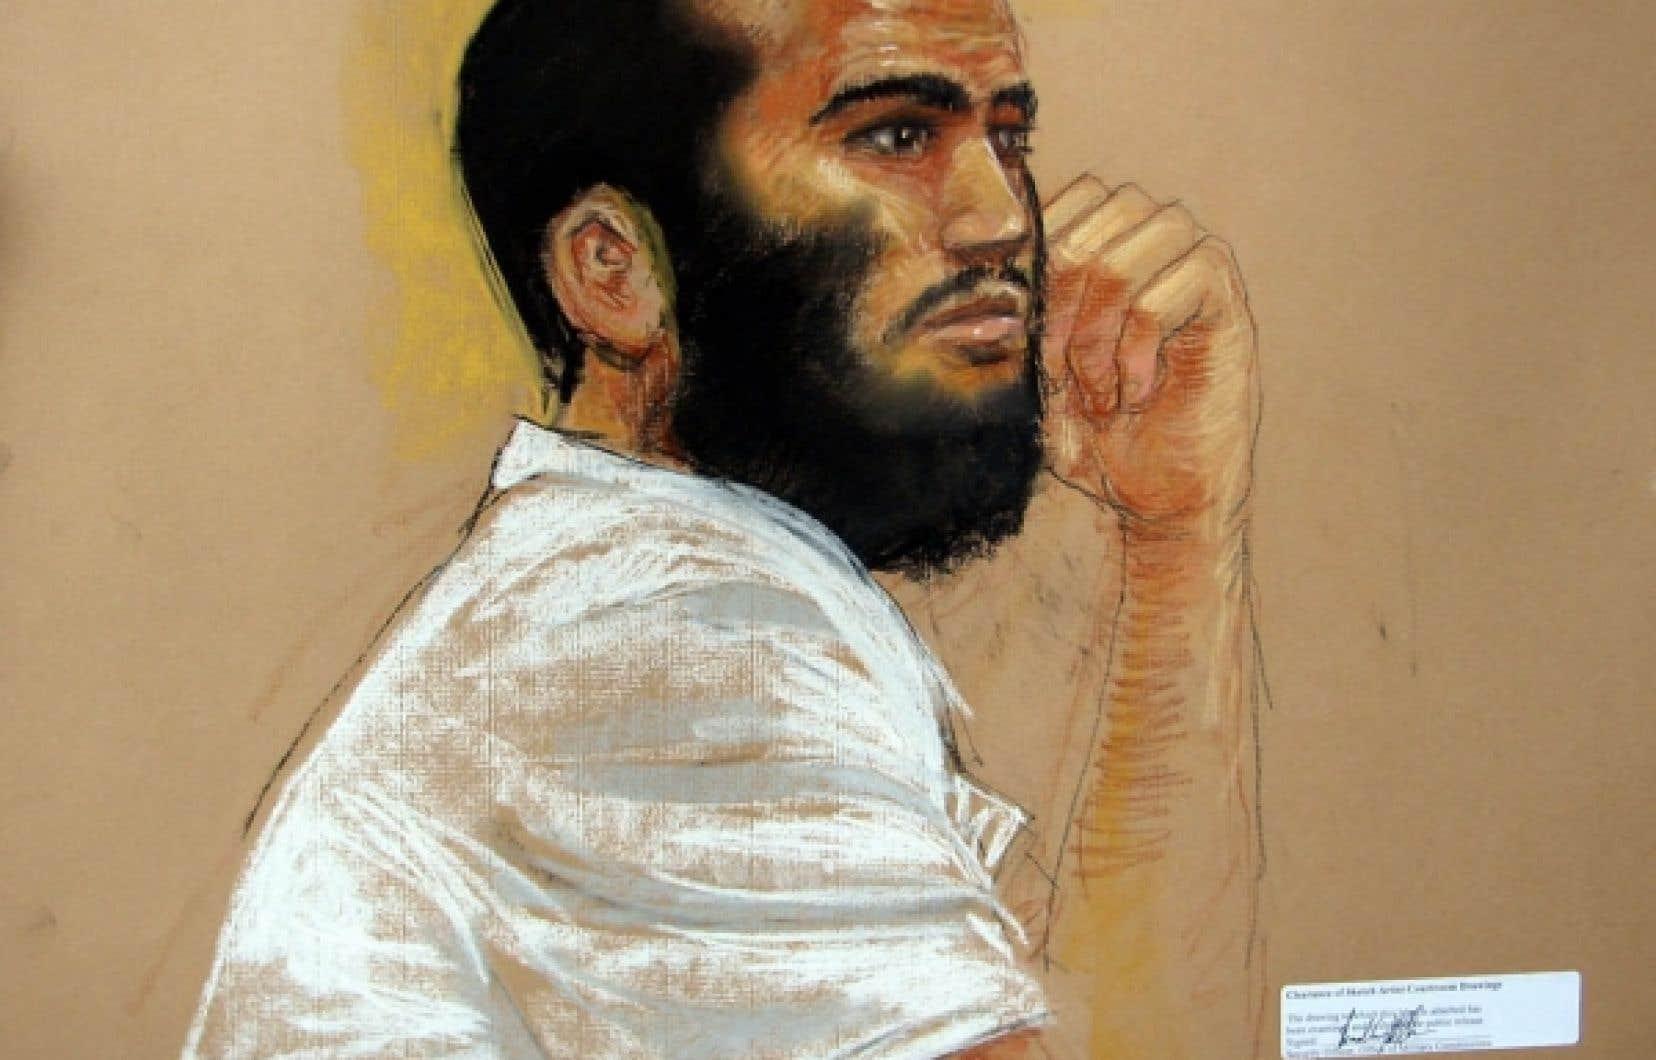 Selon un sondage pancanadien, 36 % des répondants préfèrent qu'Omar Khadr, emprisonné en 2002, soit rapatrié ici et qu'il soit jugé dans le système canadien. En février, 40 % souhaitaient son retour au Canada.